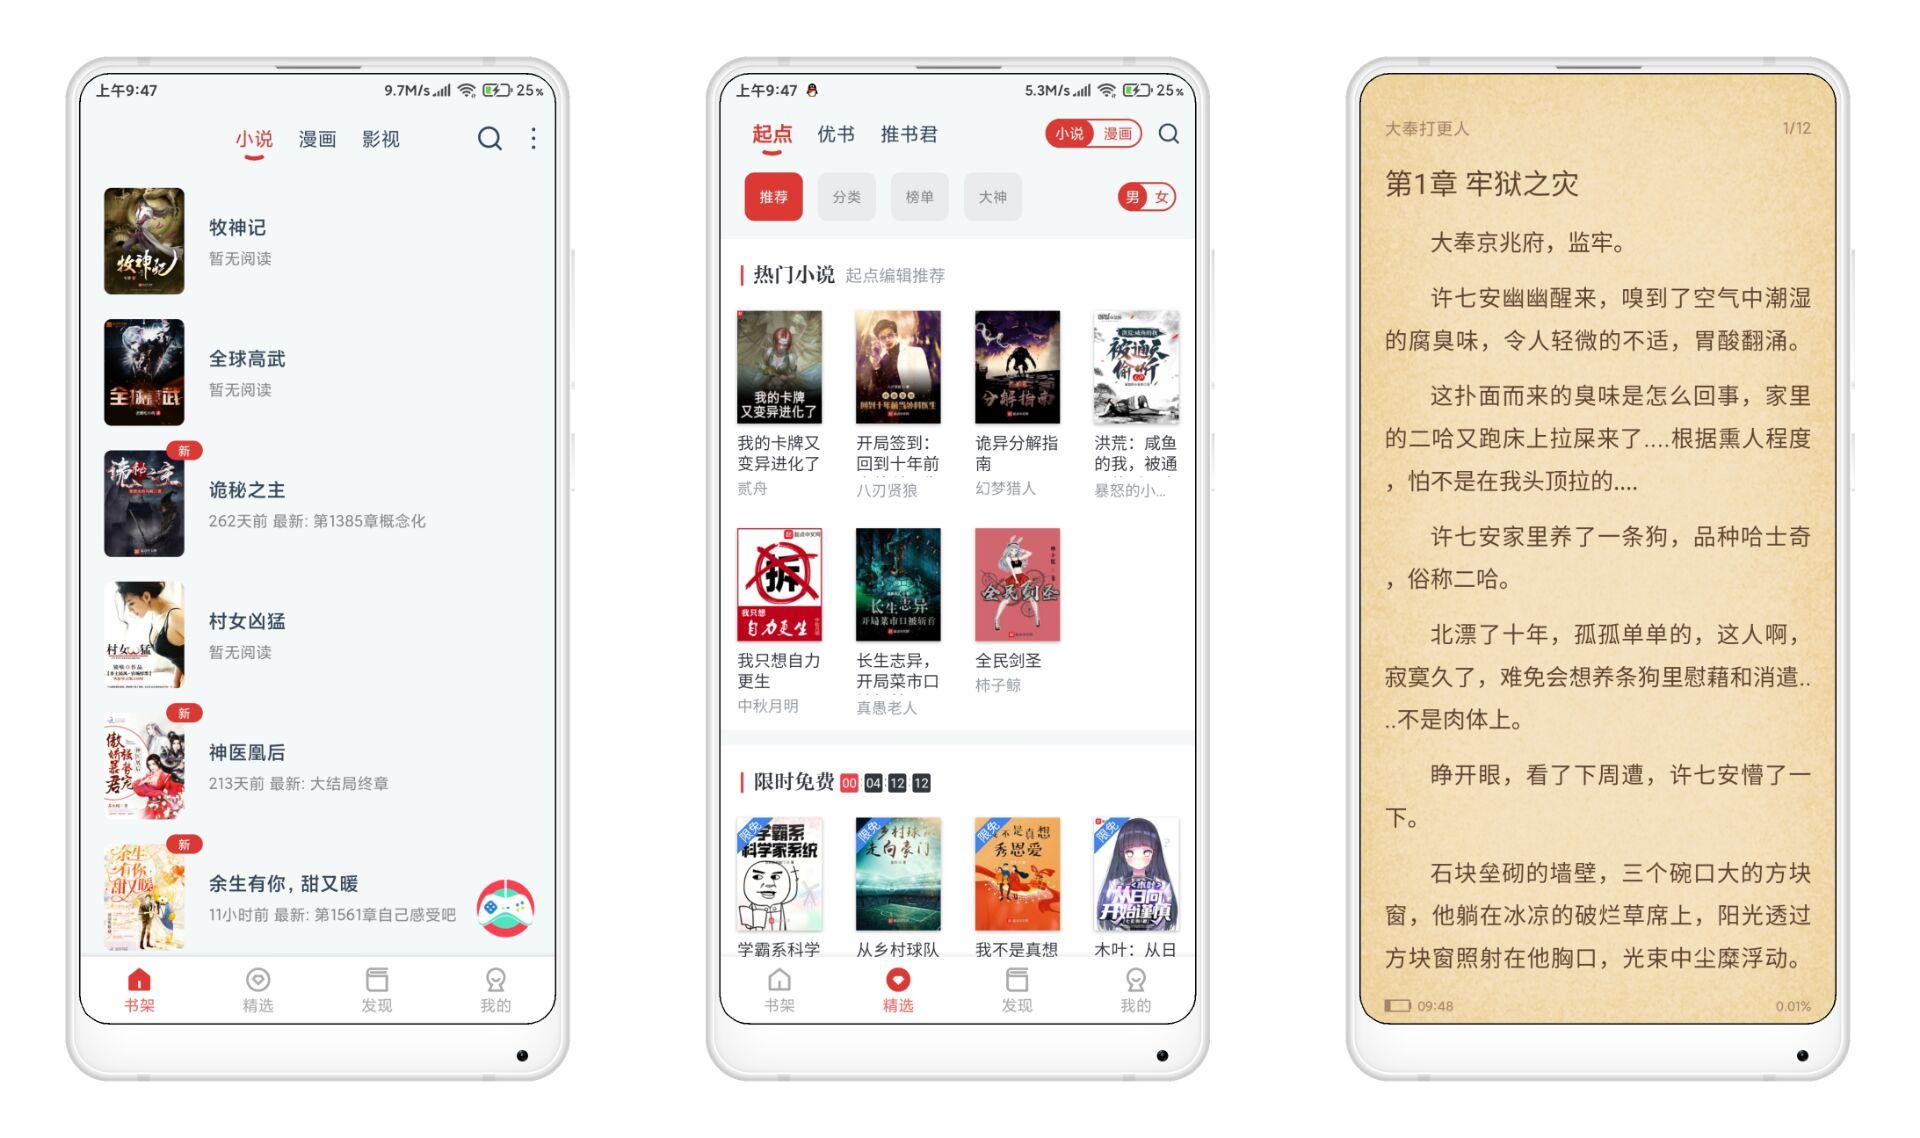 【淘淘小说】各类型资源丰富万能搜索免费无广告